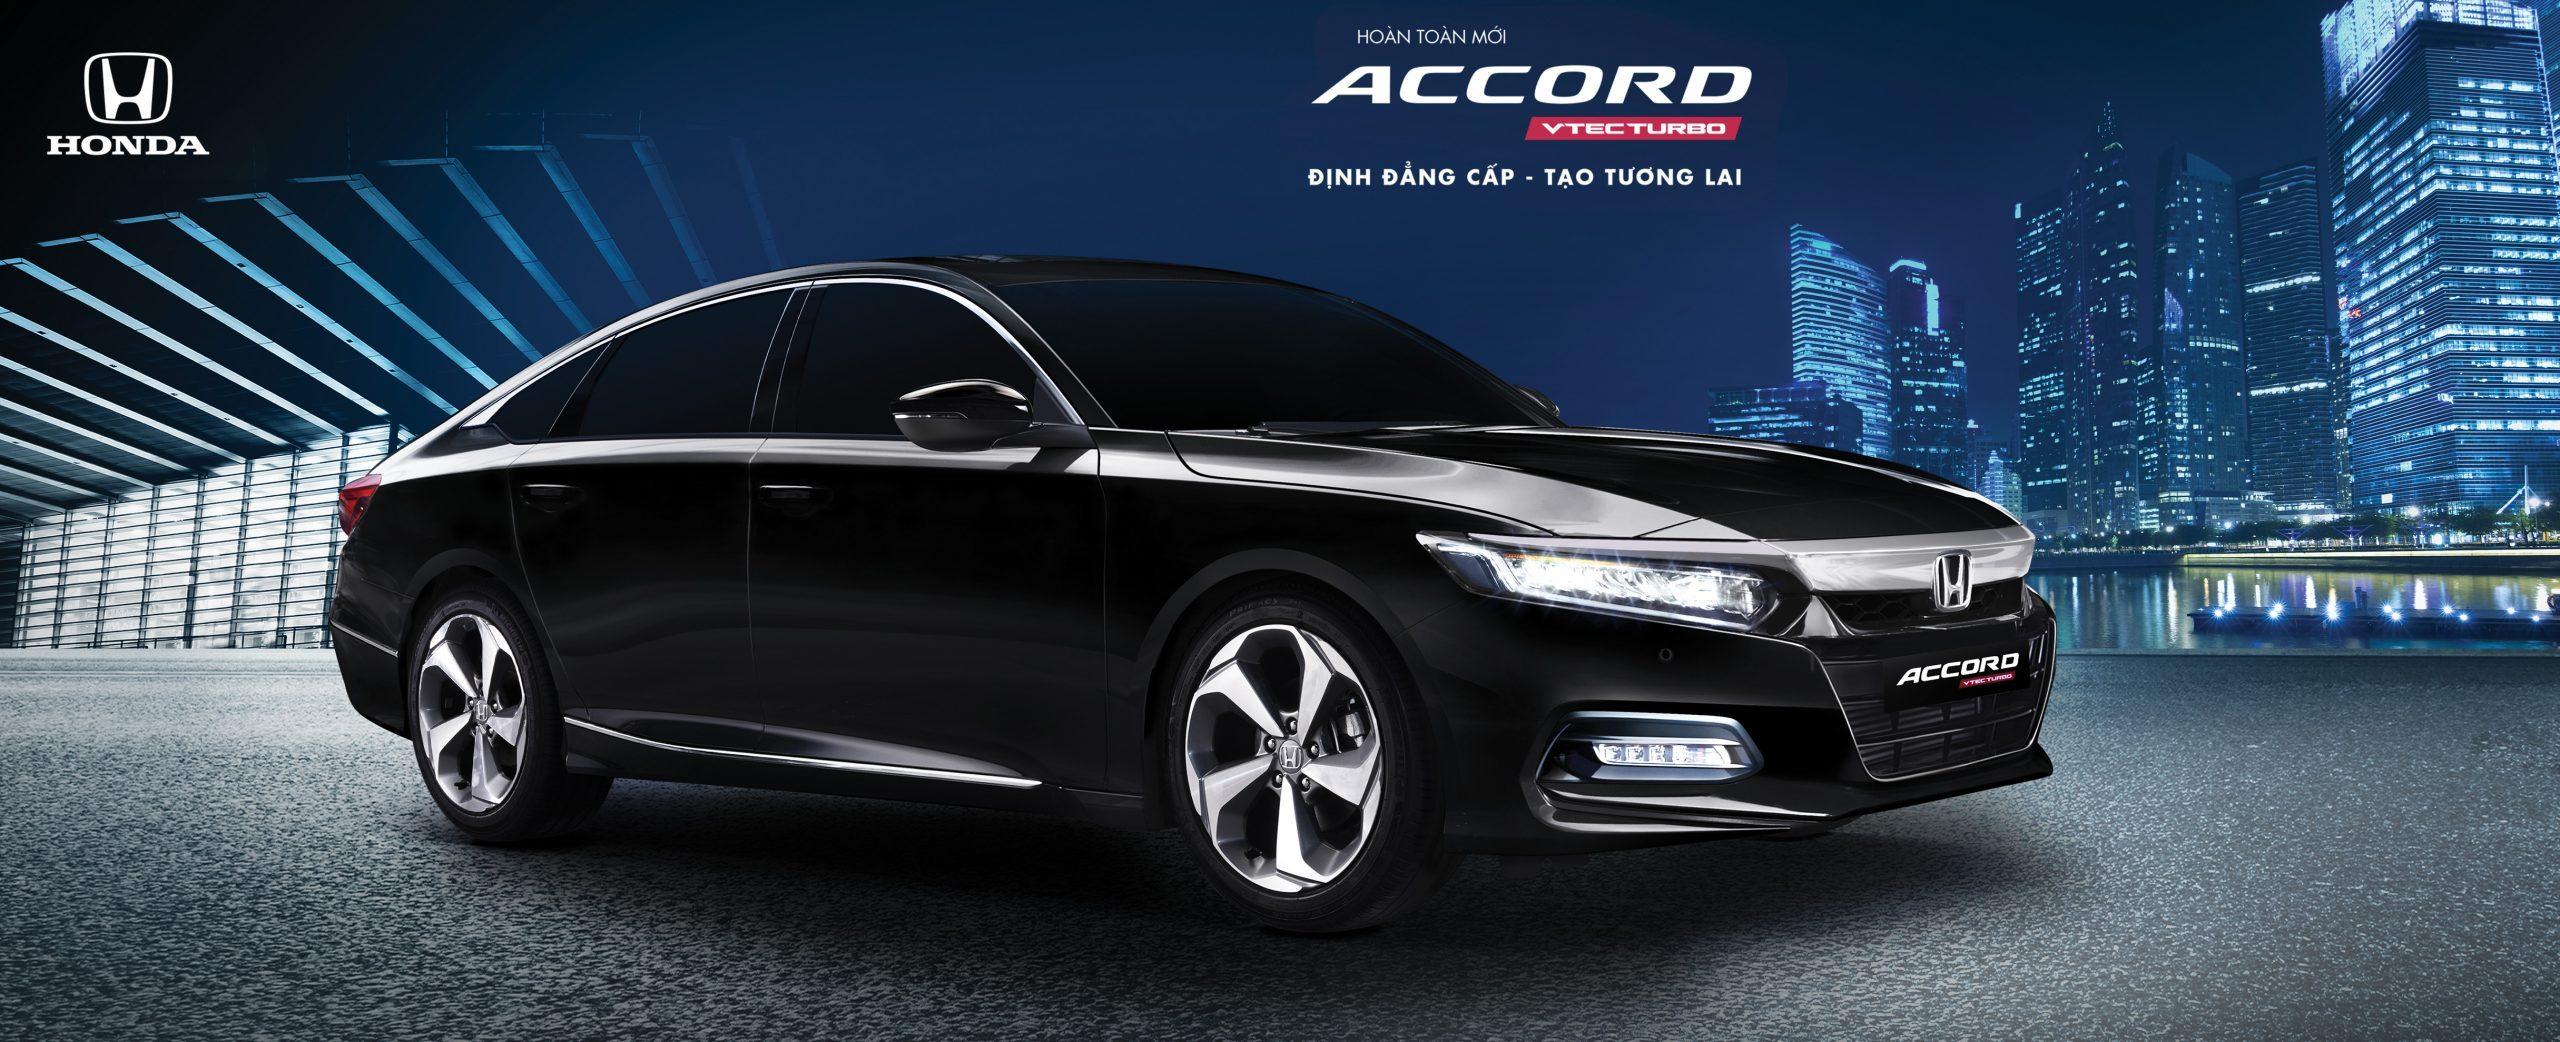 Honda Accord - Honda Ô tô Ninh Bình Tràng An